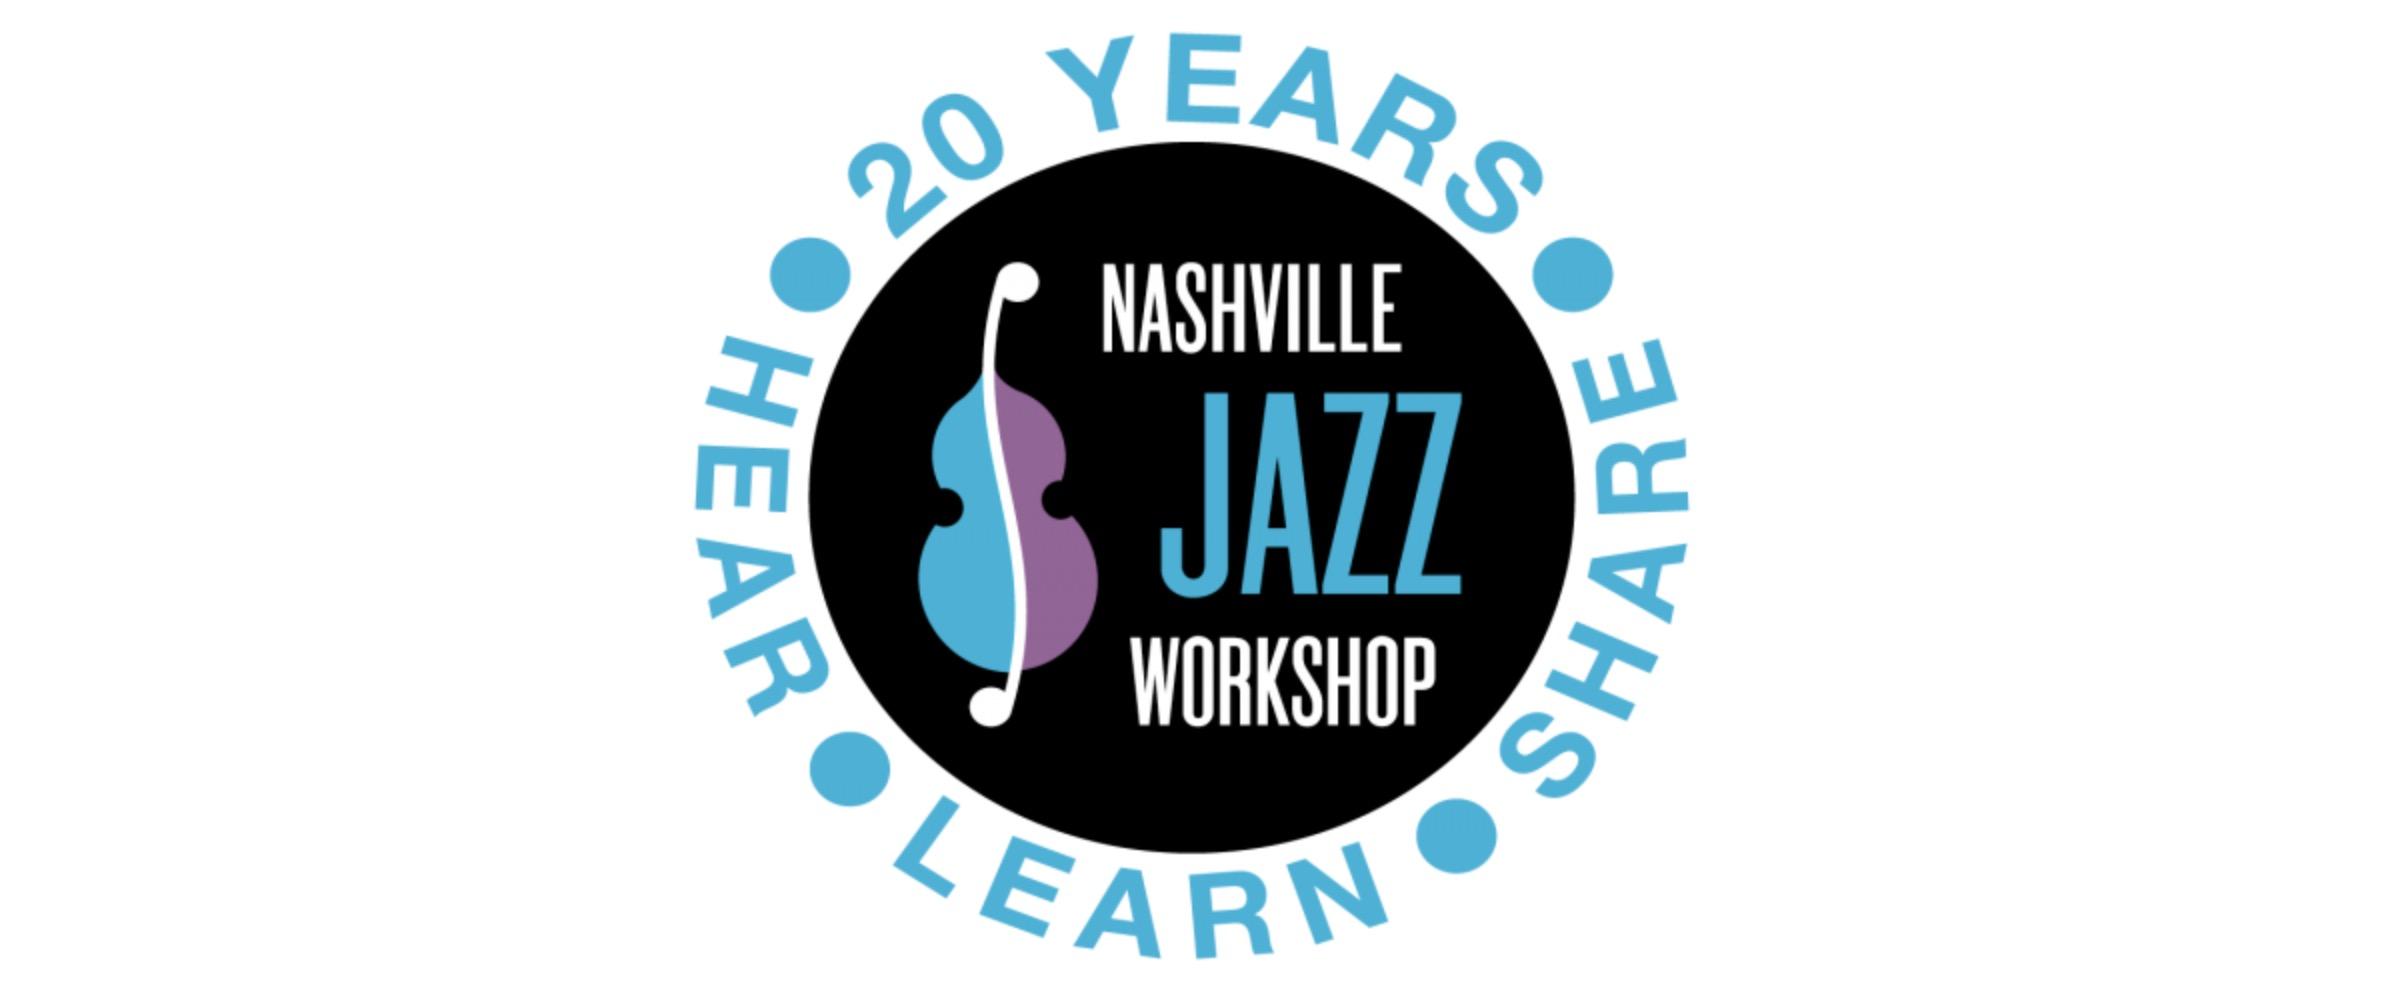 Nashville Jazz Workshop Jazzmania 2020 Online Jazz Party & Fundraiser